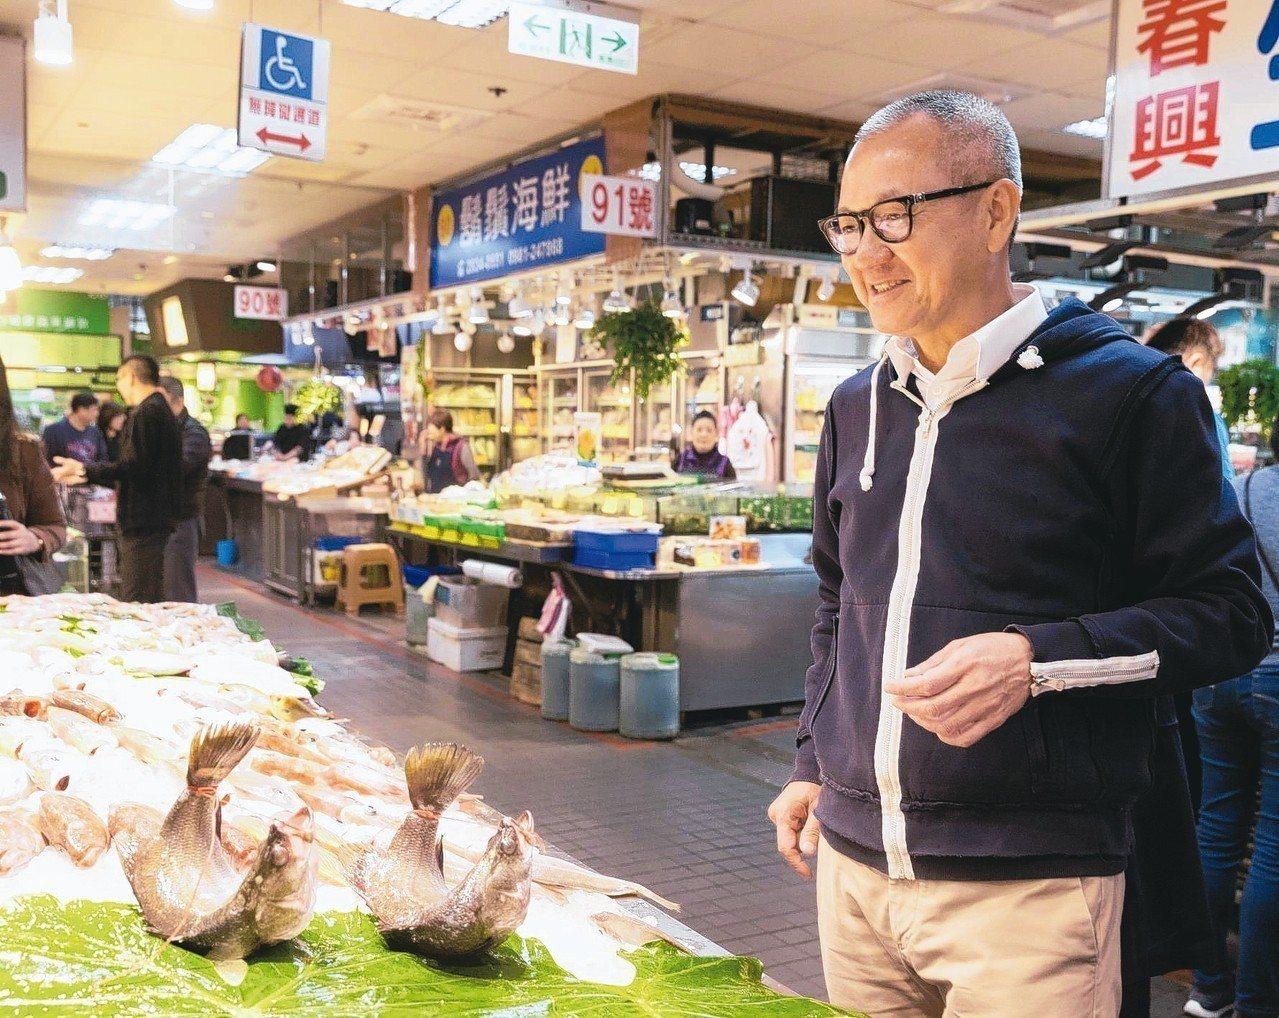 陳泰銘身價不菲,但飲食口味親民。攝影/陳立凱